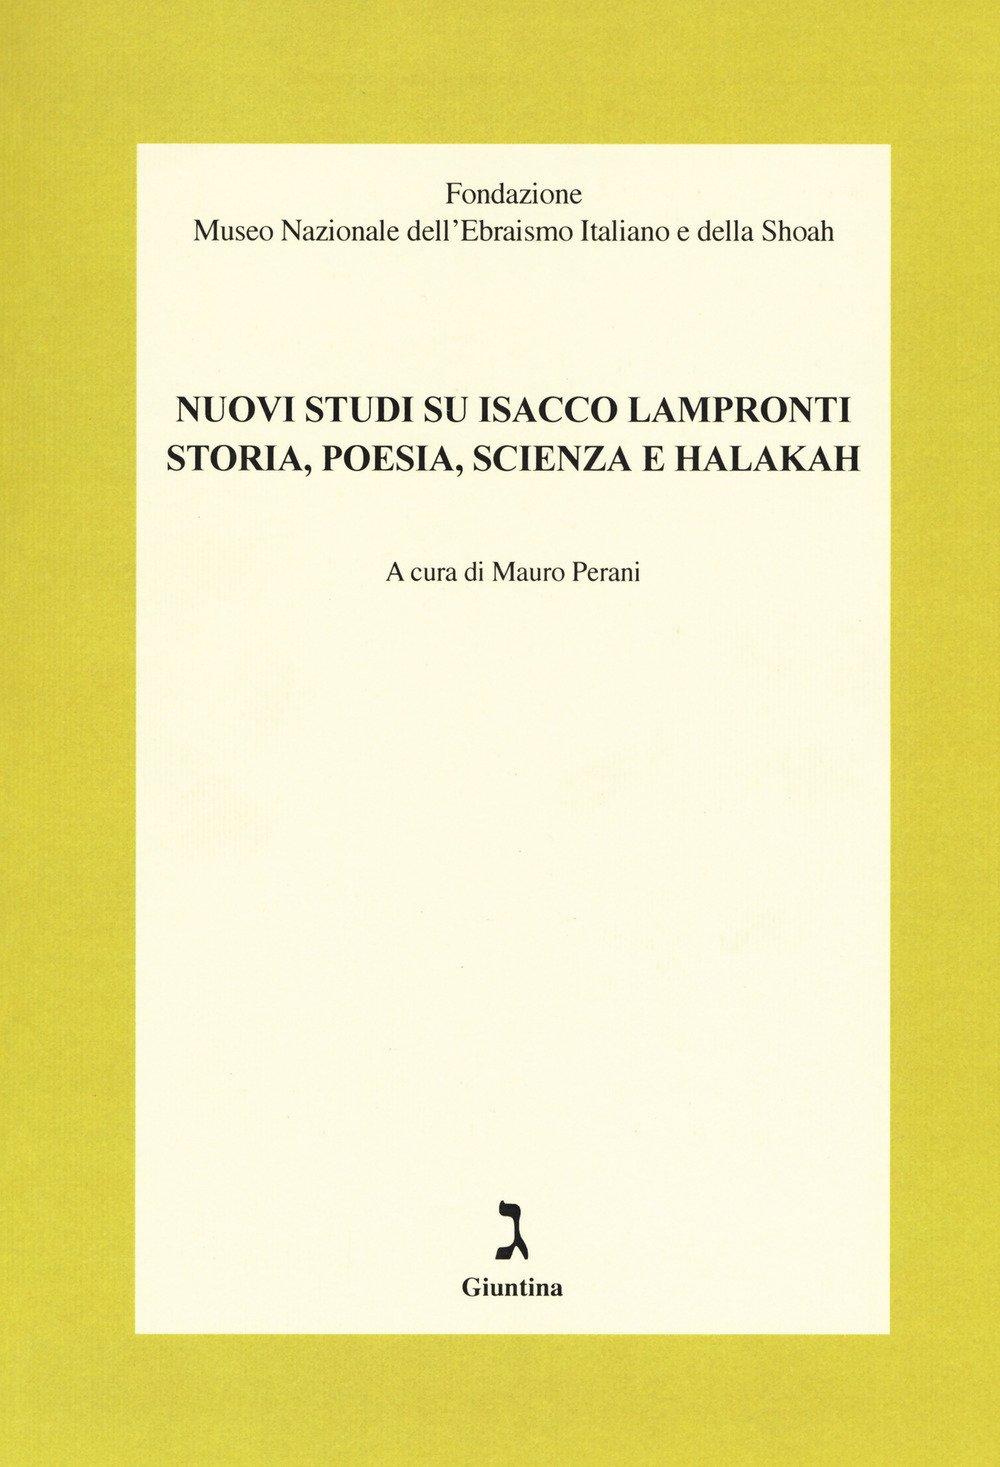 Nuovi studi su Isacco Lampronti. Storia, poesia, scienza e halakah